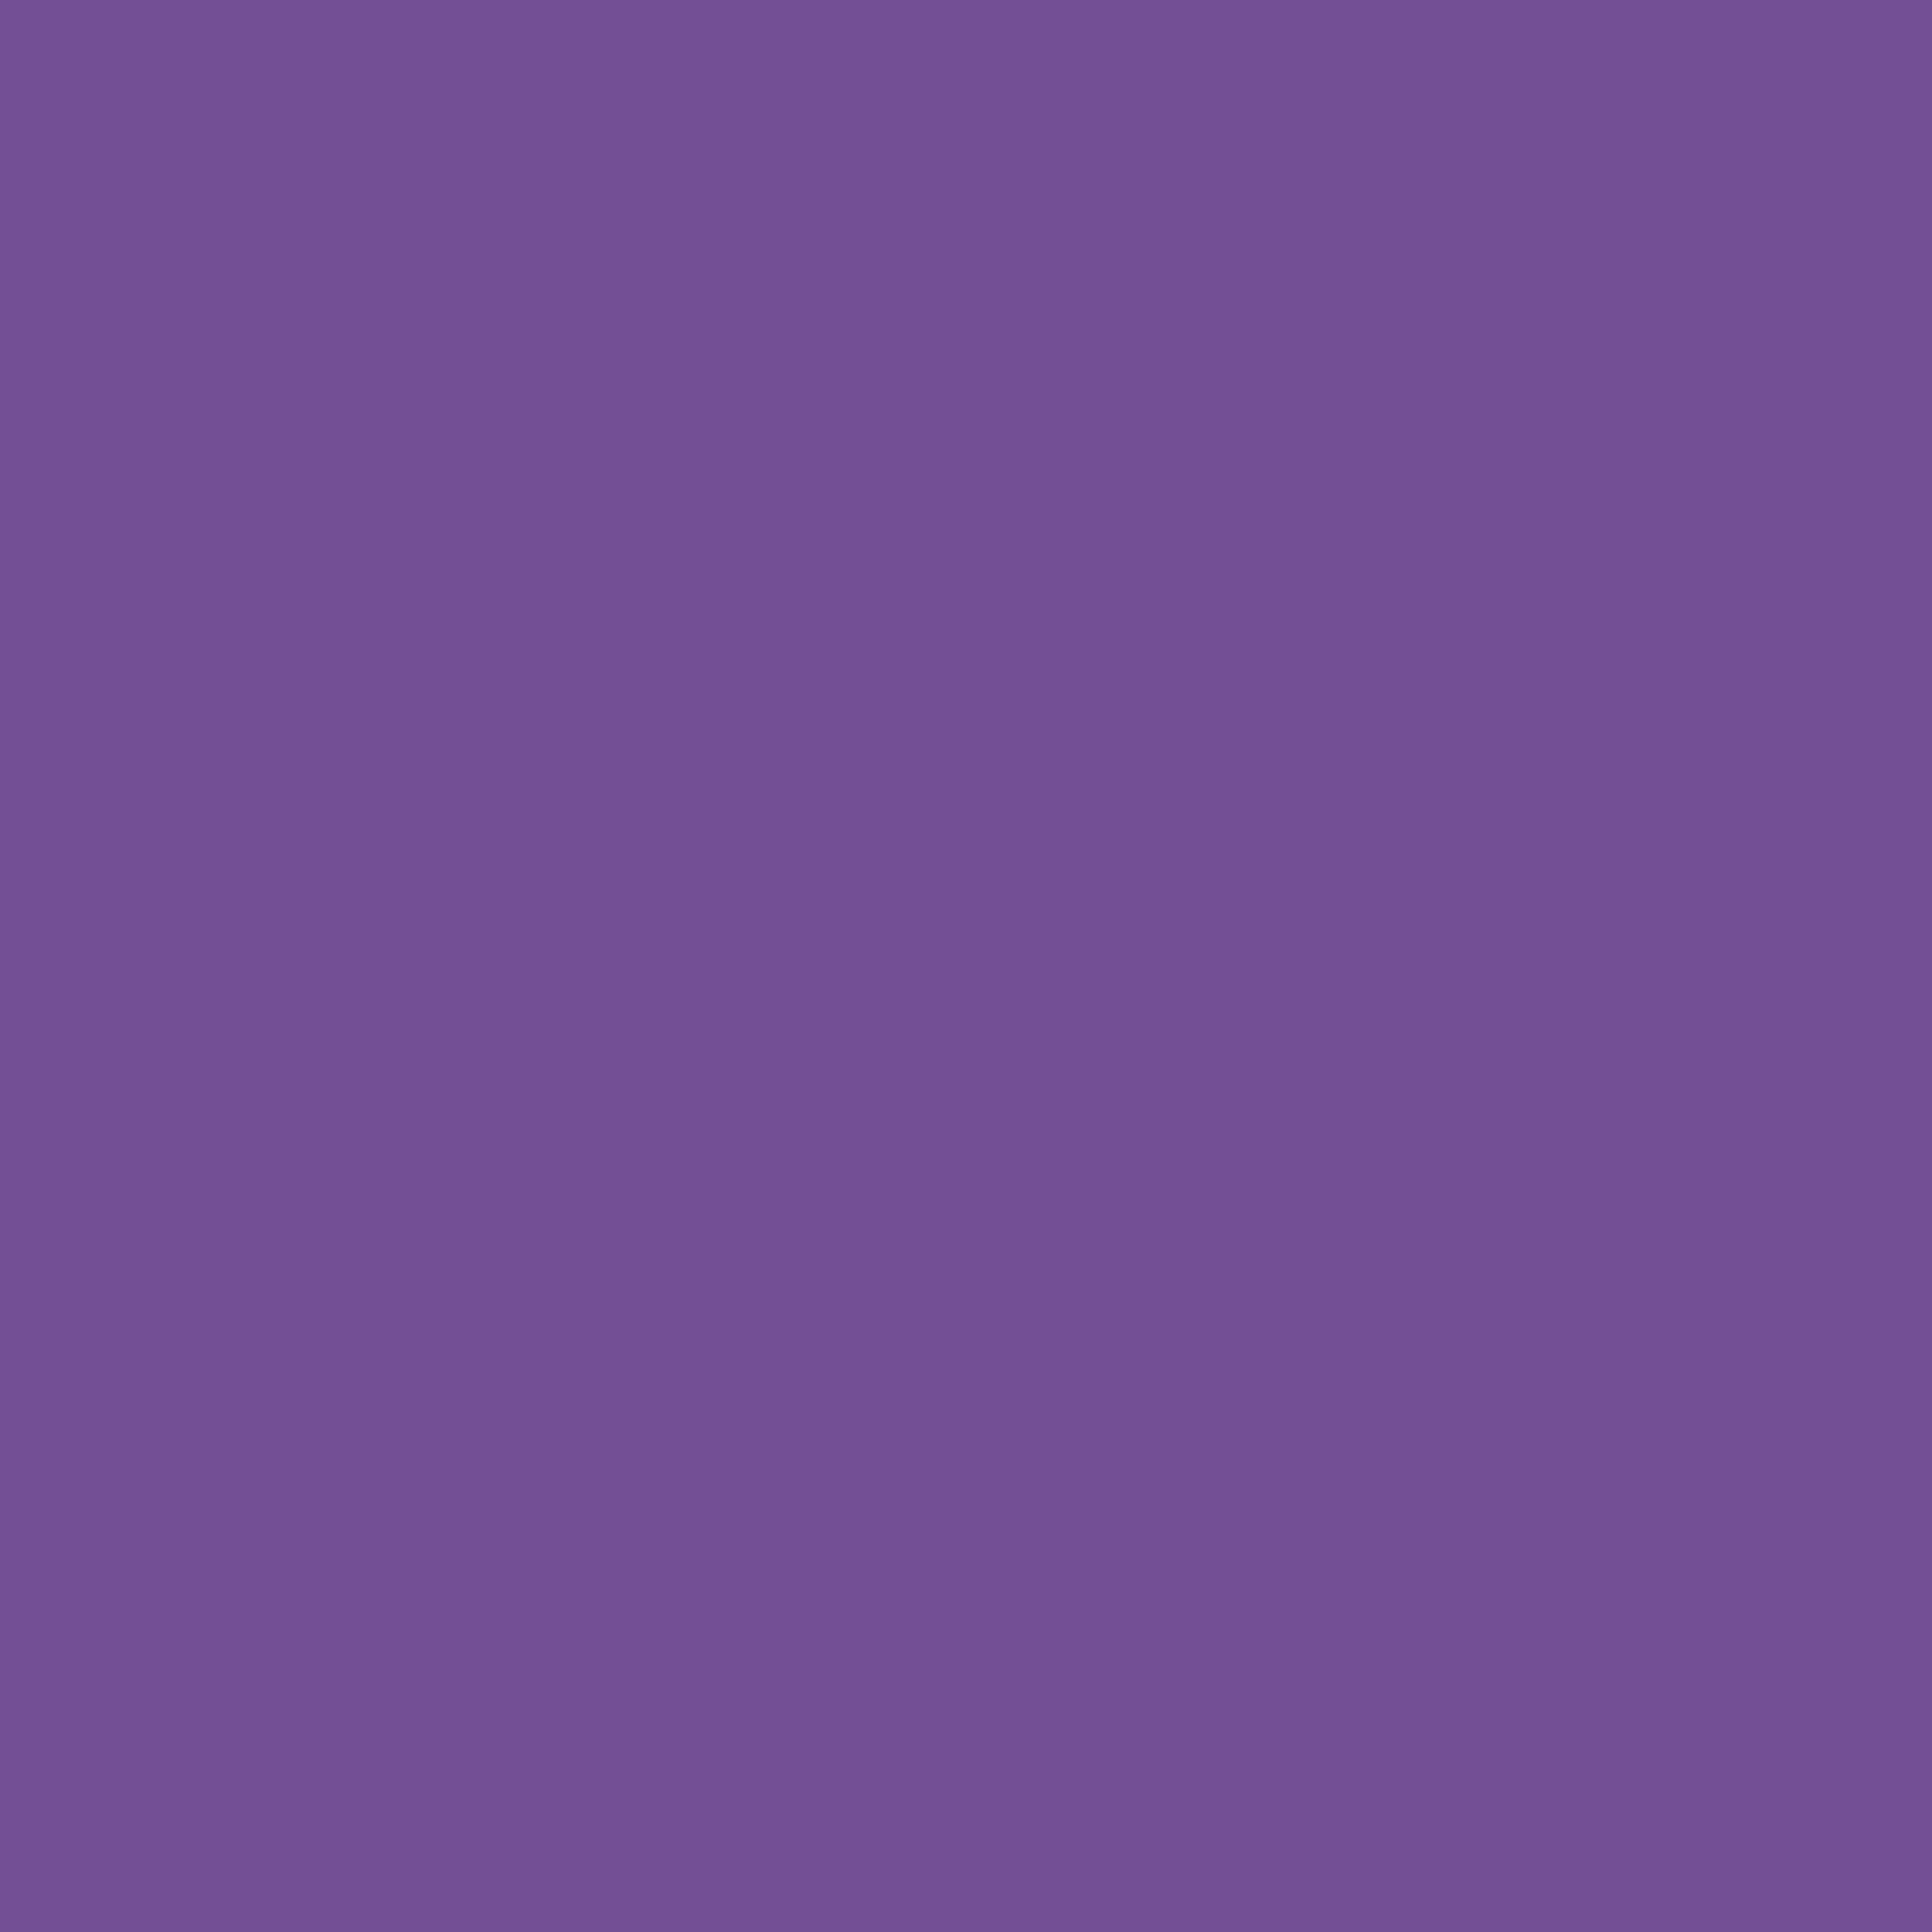 3600x3600 Dark Lavender Solid Color Background